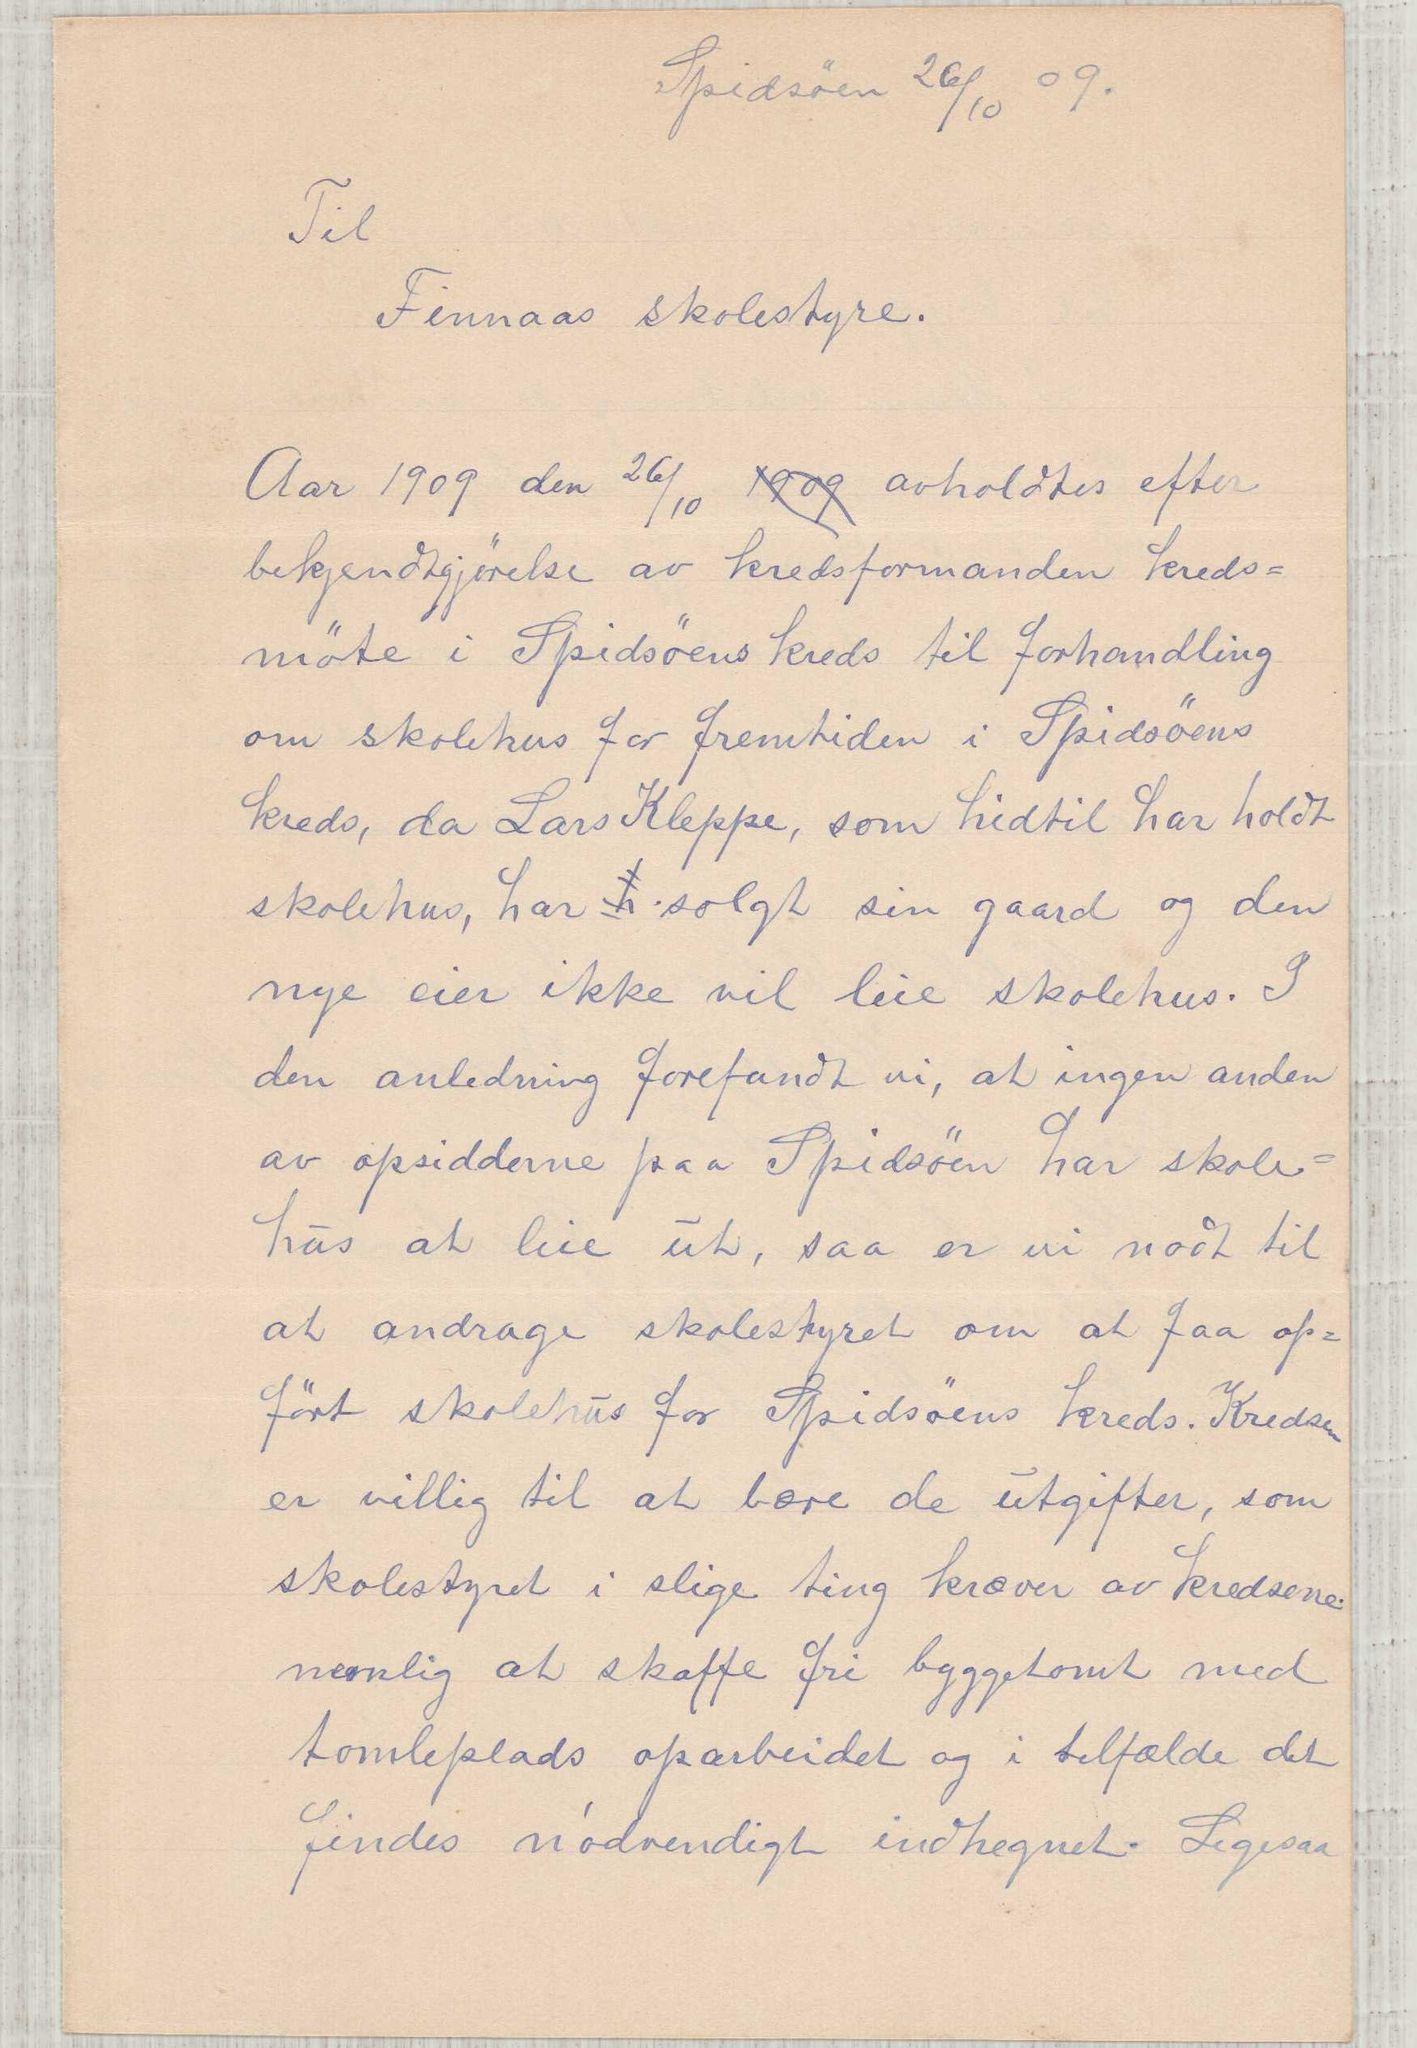 IKAH, Finnaas kommune. Formannskapet, D/Da/L0001: Korrespondanse / saker, 1909-1911, s. 1